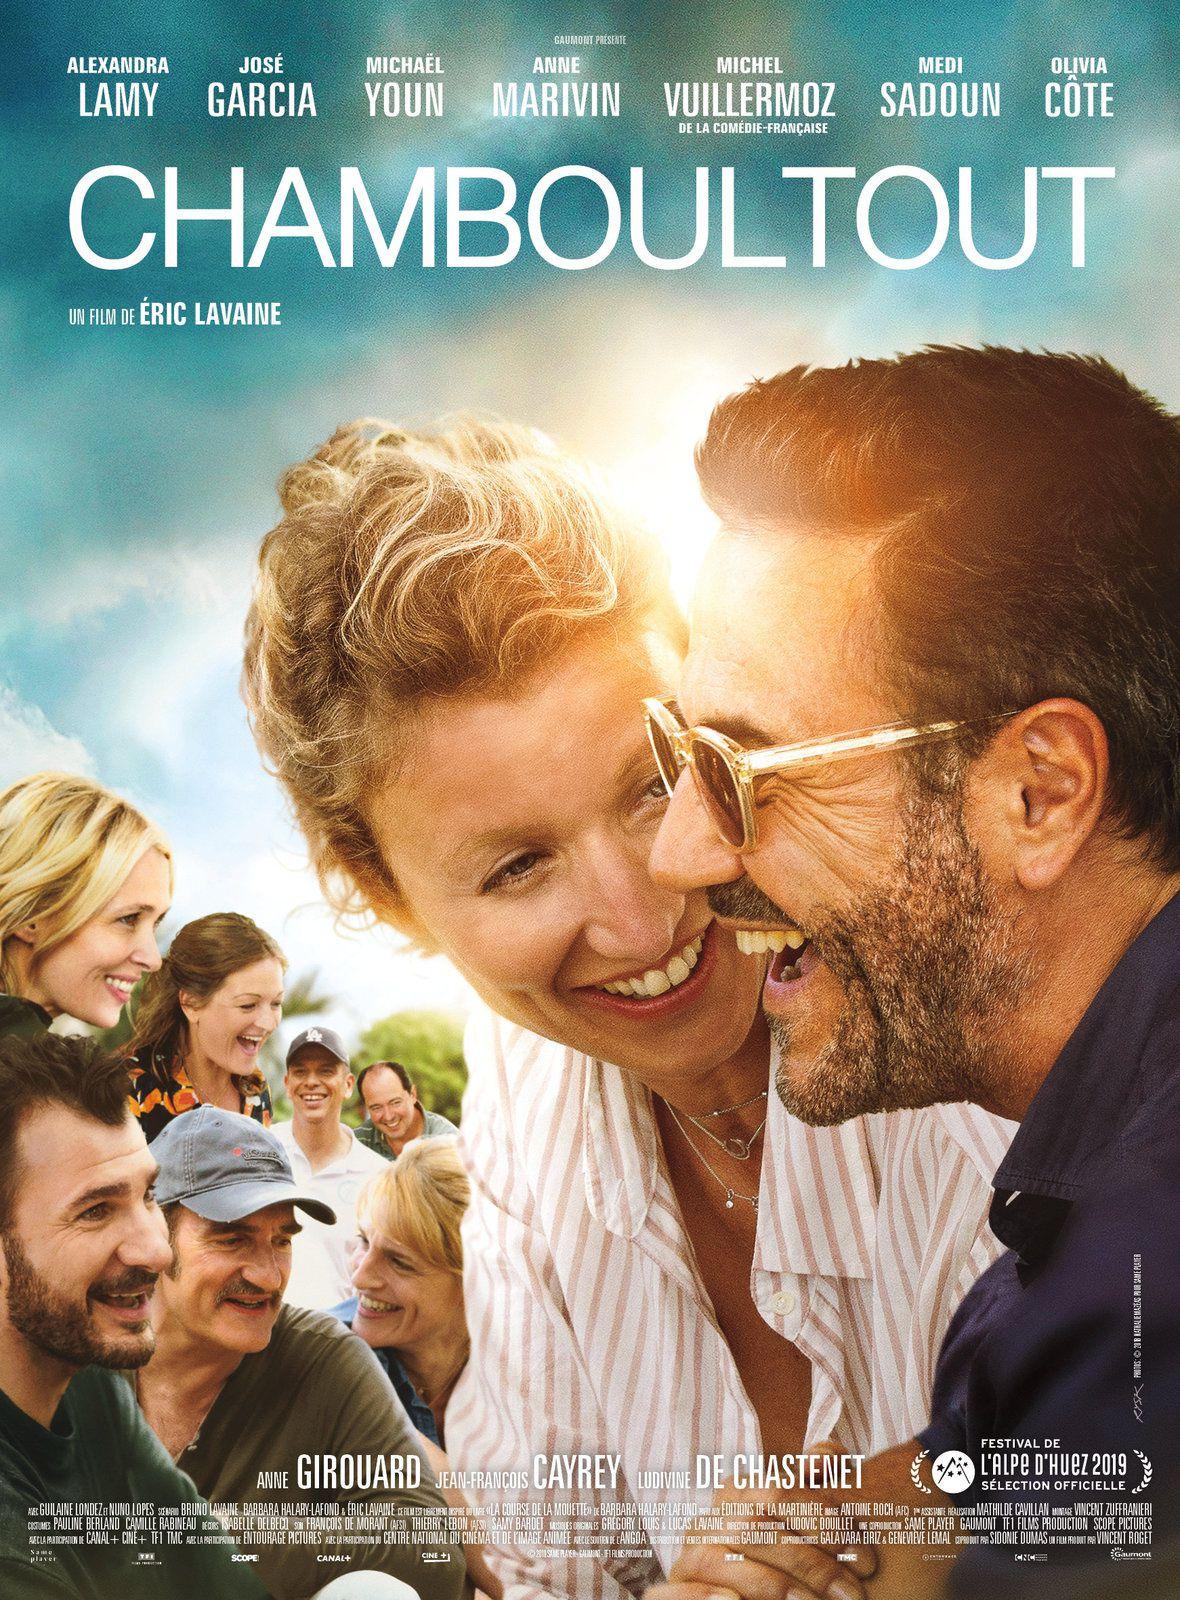 CHAMBOULTOUT (BANDE-ANNONCE) avec Alexandra Lamy, José Garcia, Michaël Youn - Le 3 avril 2019 au cinéma